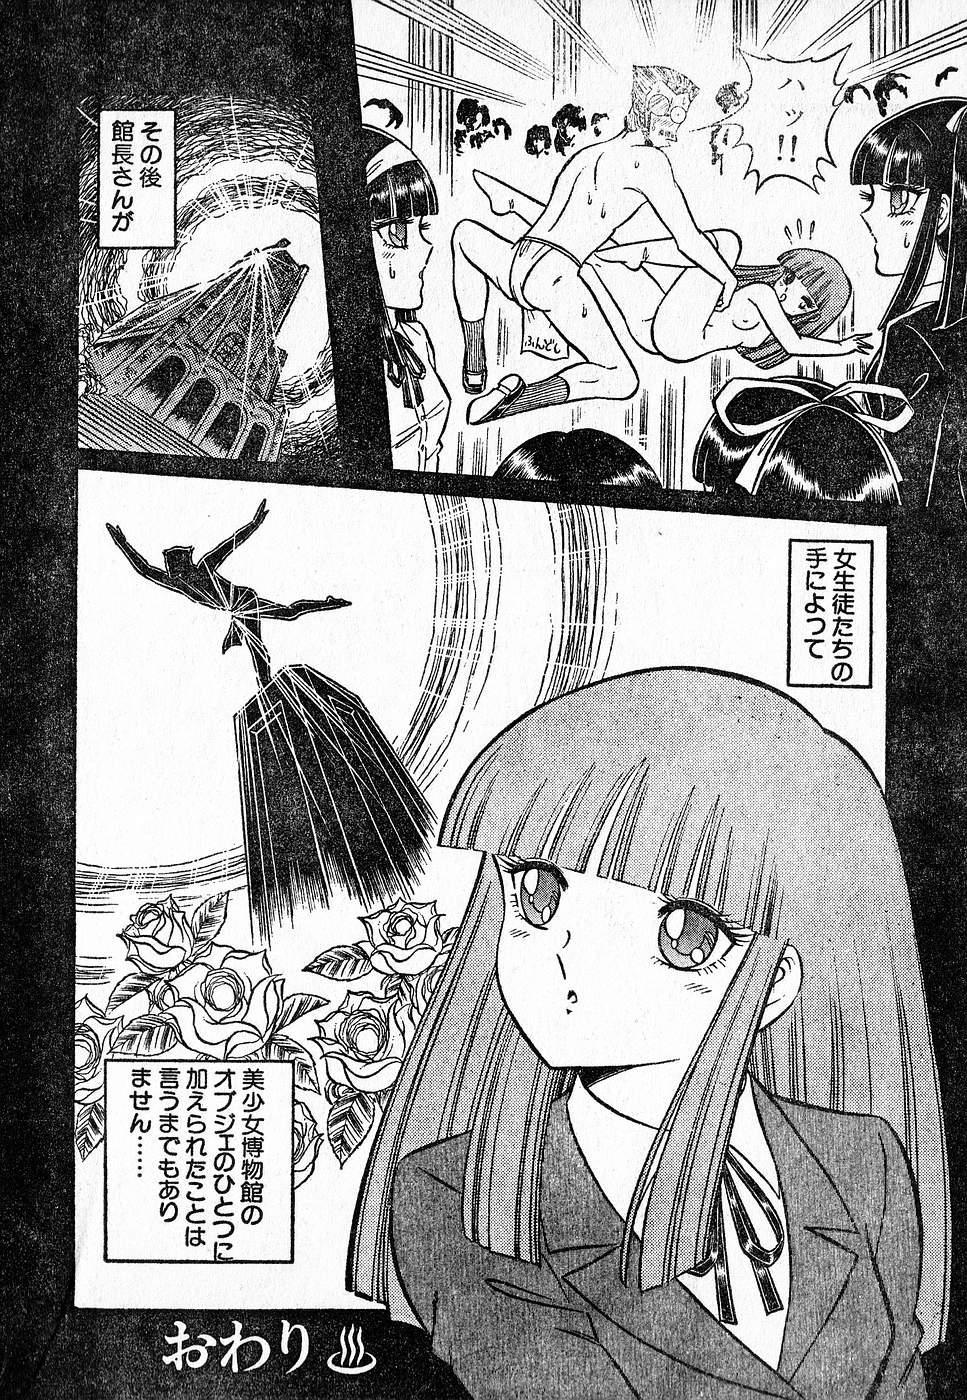 COMIC Lolipop 1985-10 Soukanjunbigou Aki 65